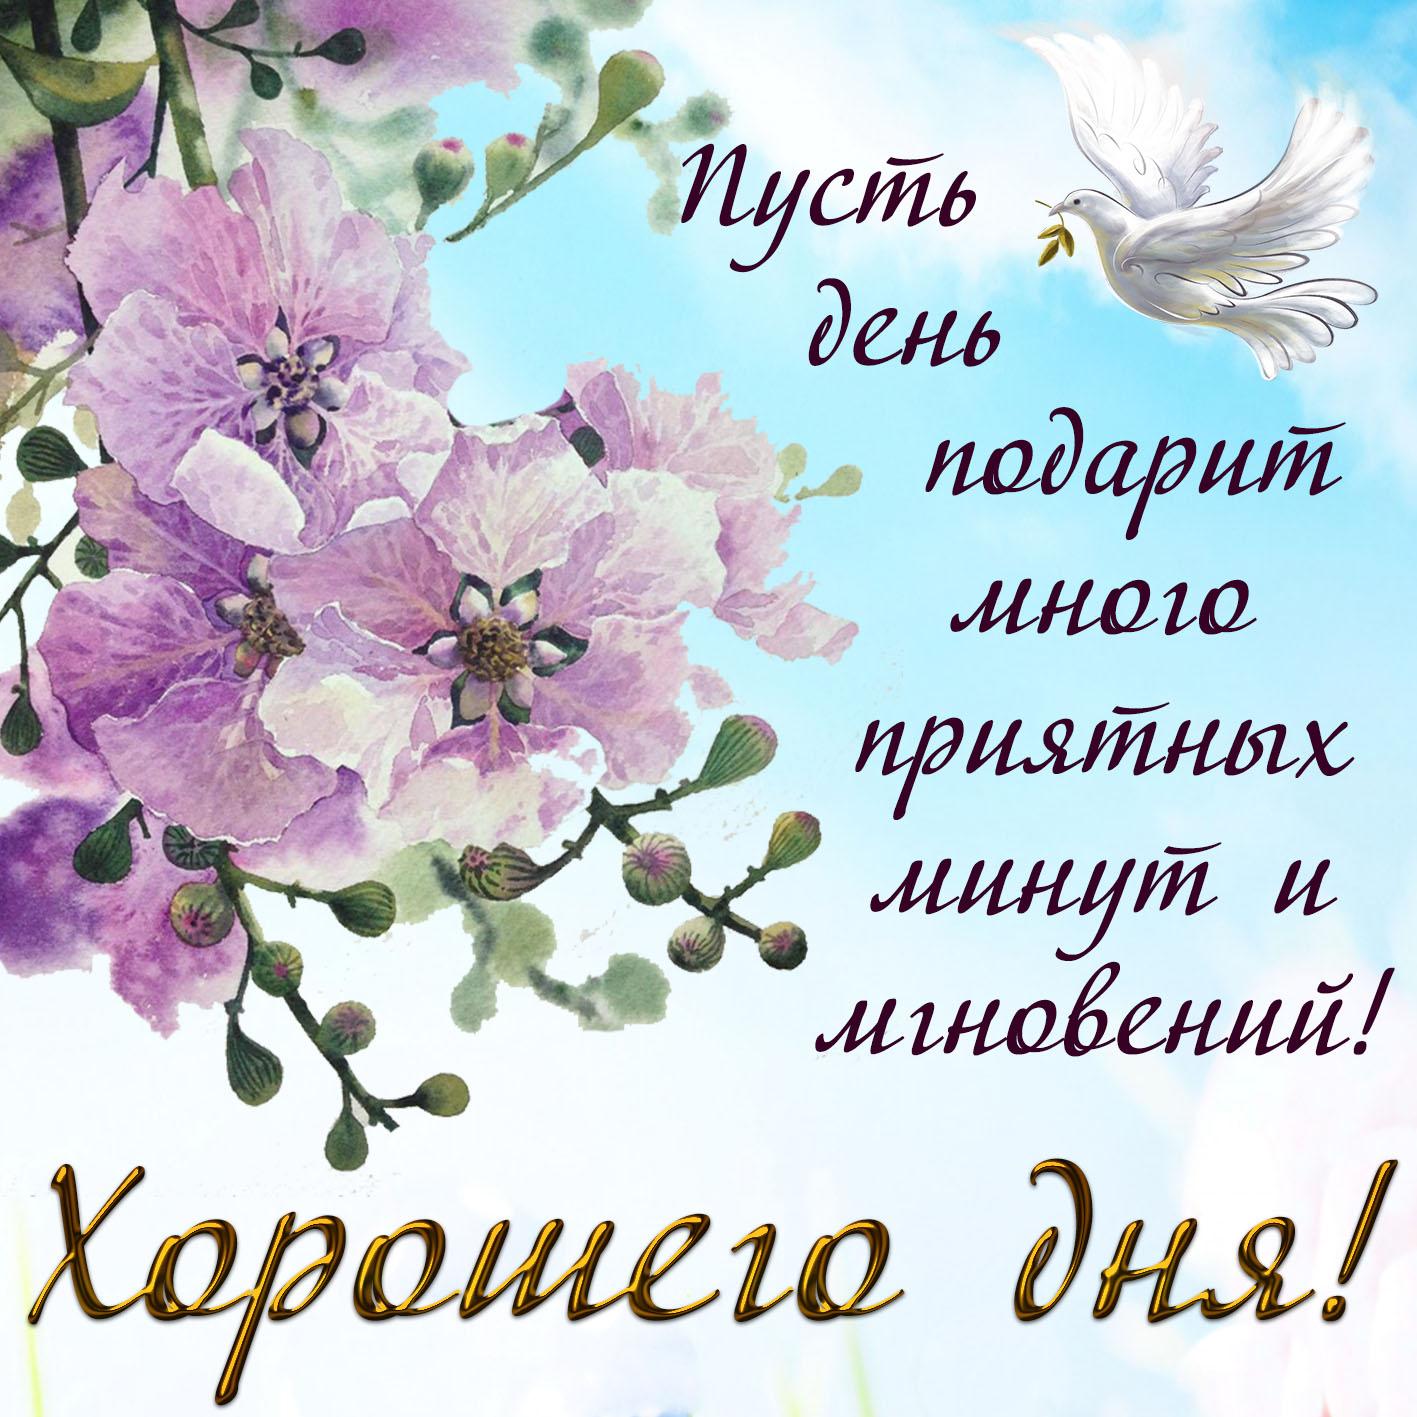 Поздравления, христианские открытки с пожеланиями доброго утра и хорошего дня